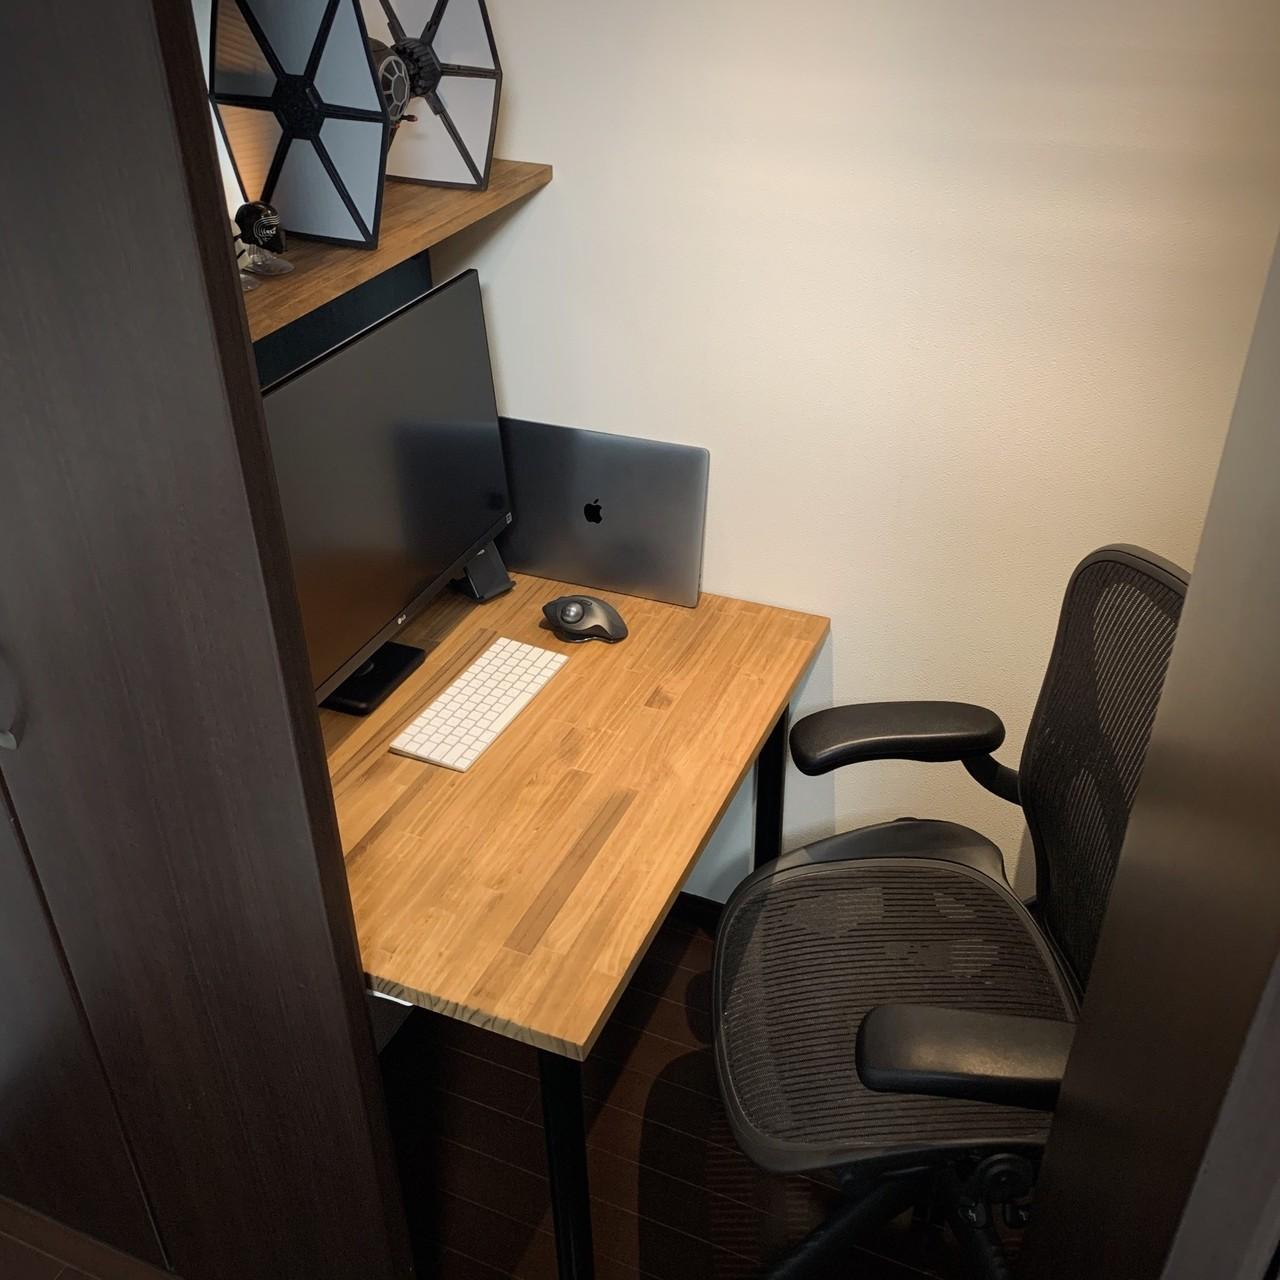 書斎を明け渡すことになったのでクローゼットの中にオフィスを作った Nobuki Inoue Note